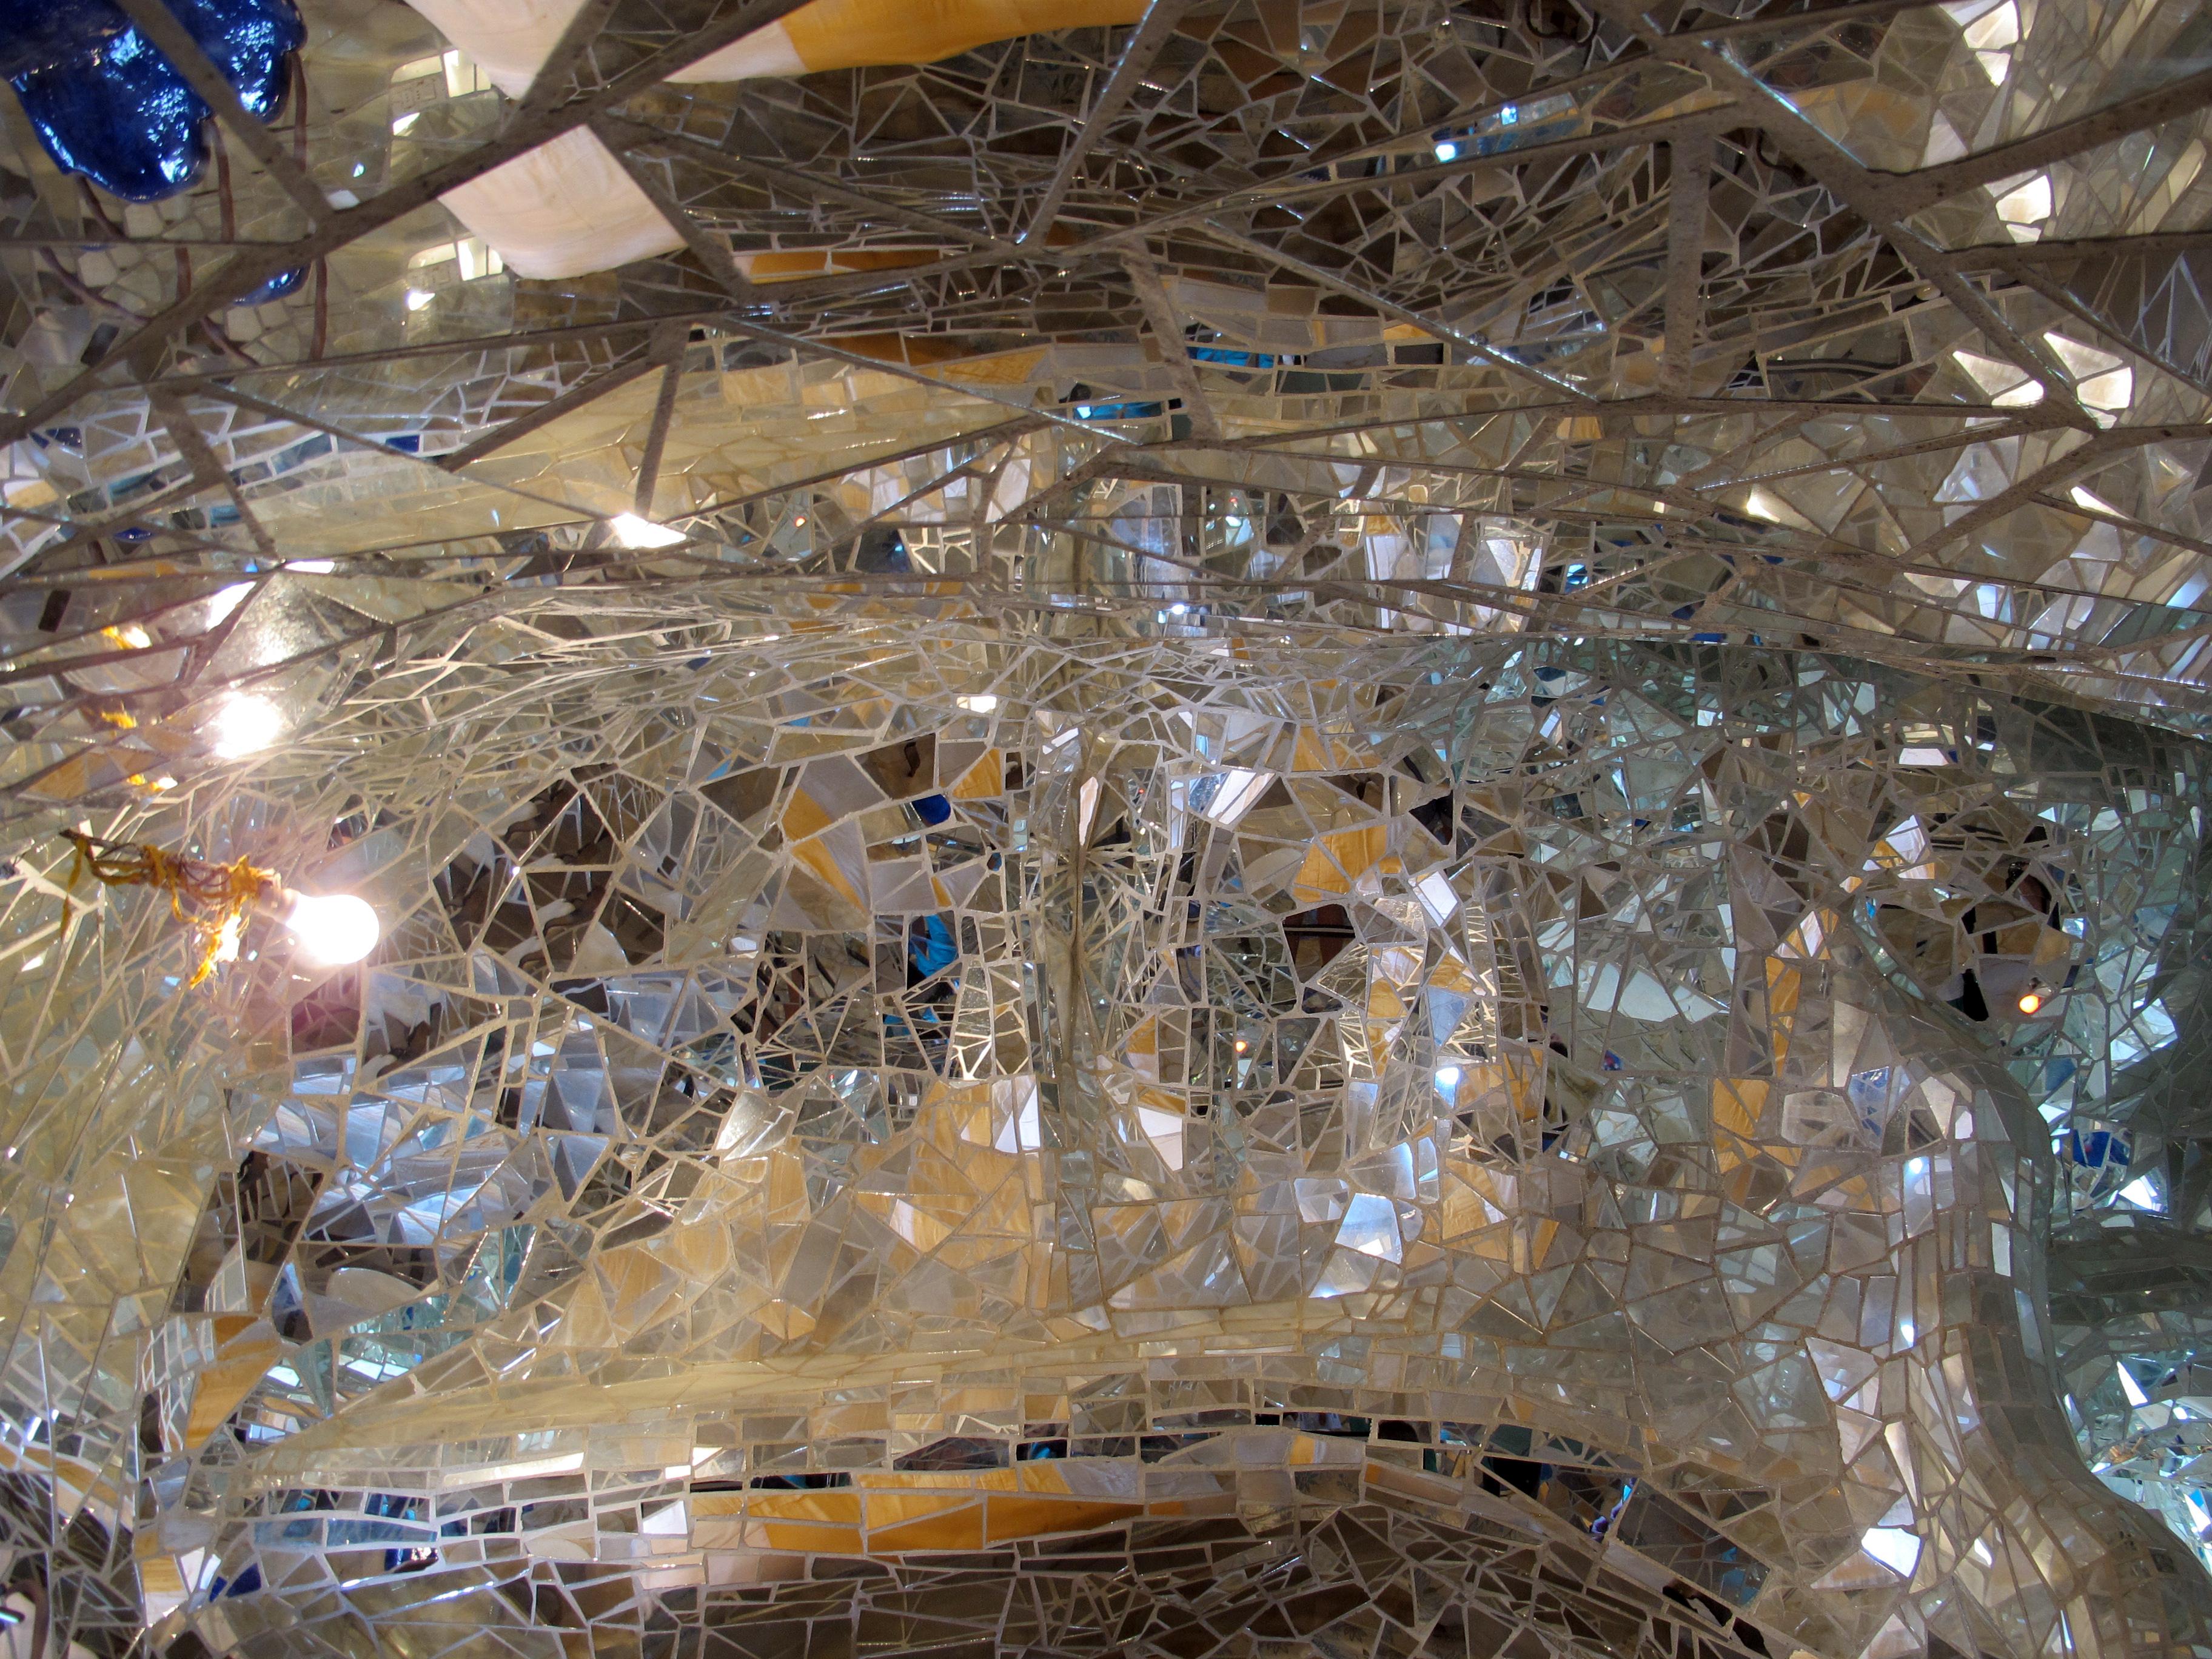 File Niki de saint phalle giardino dei tarocchi imperatrice